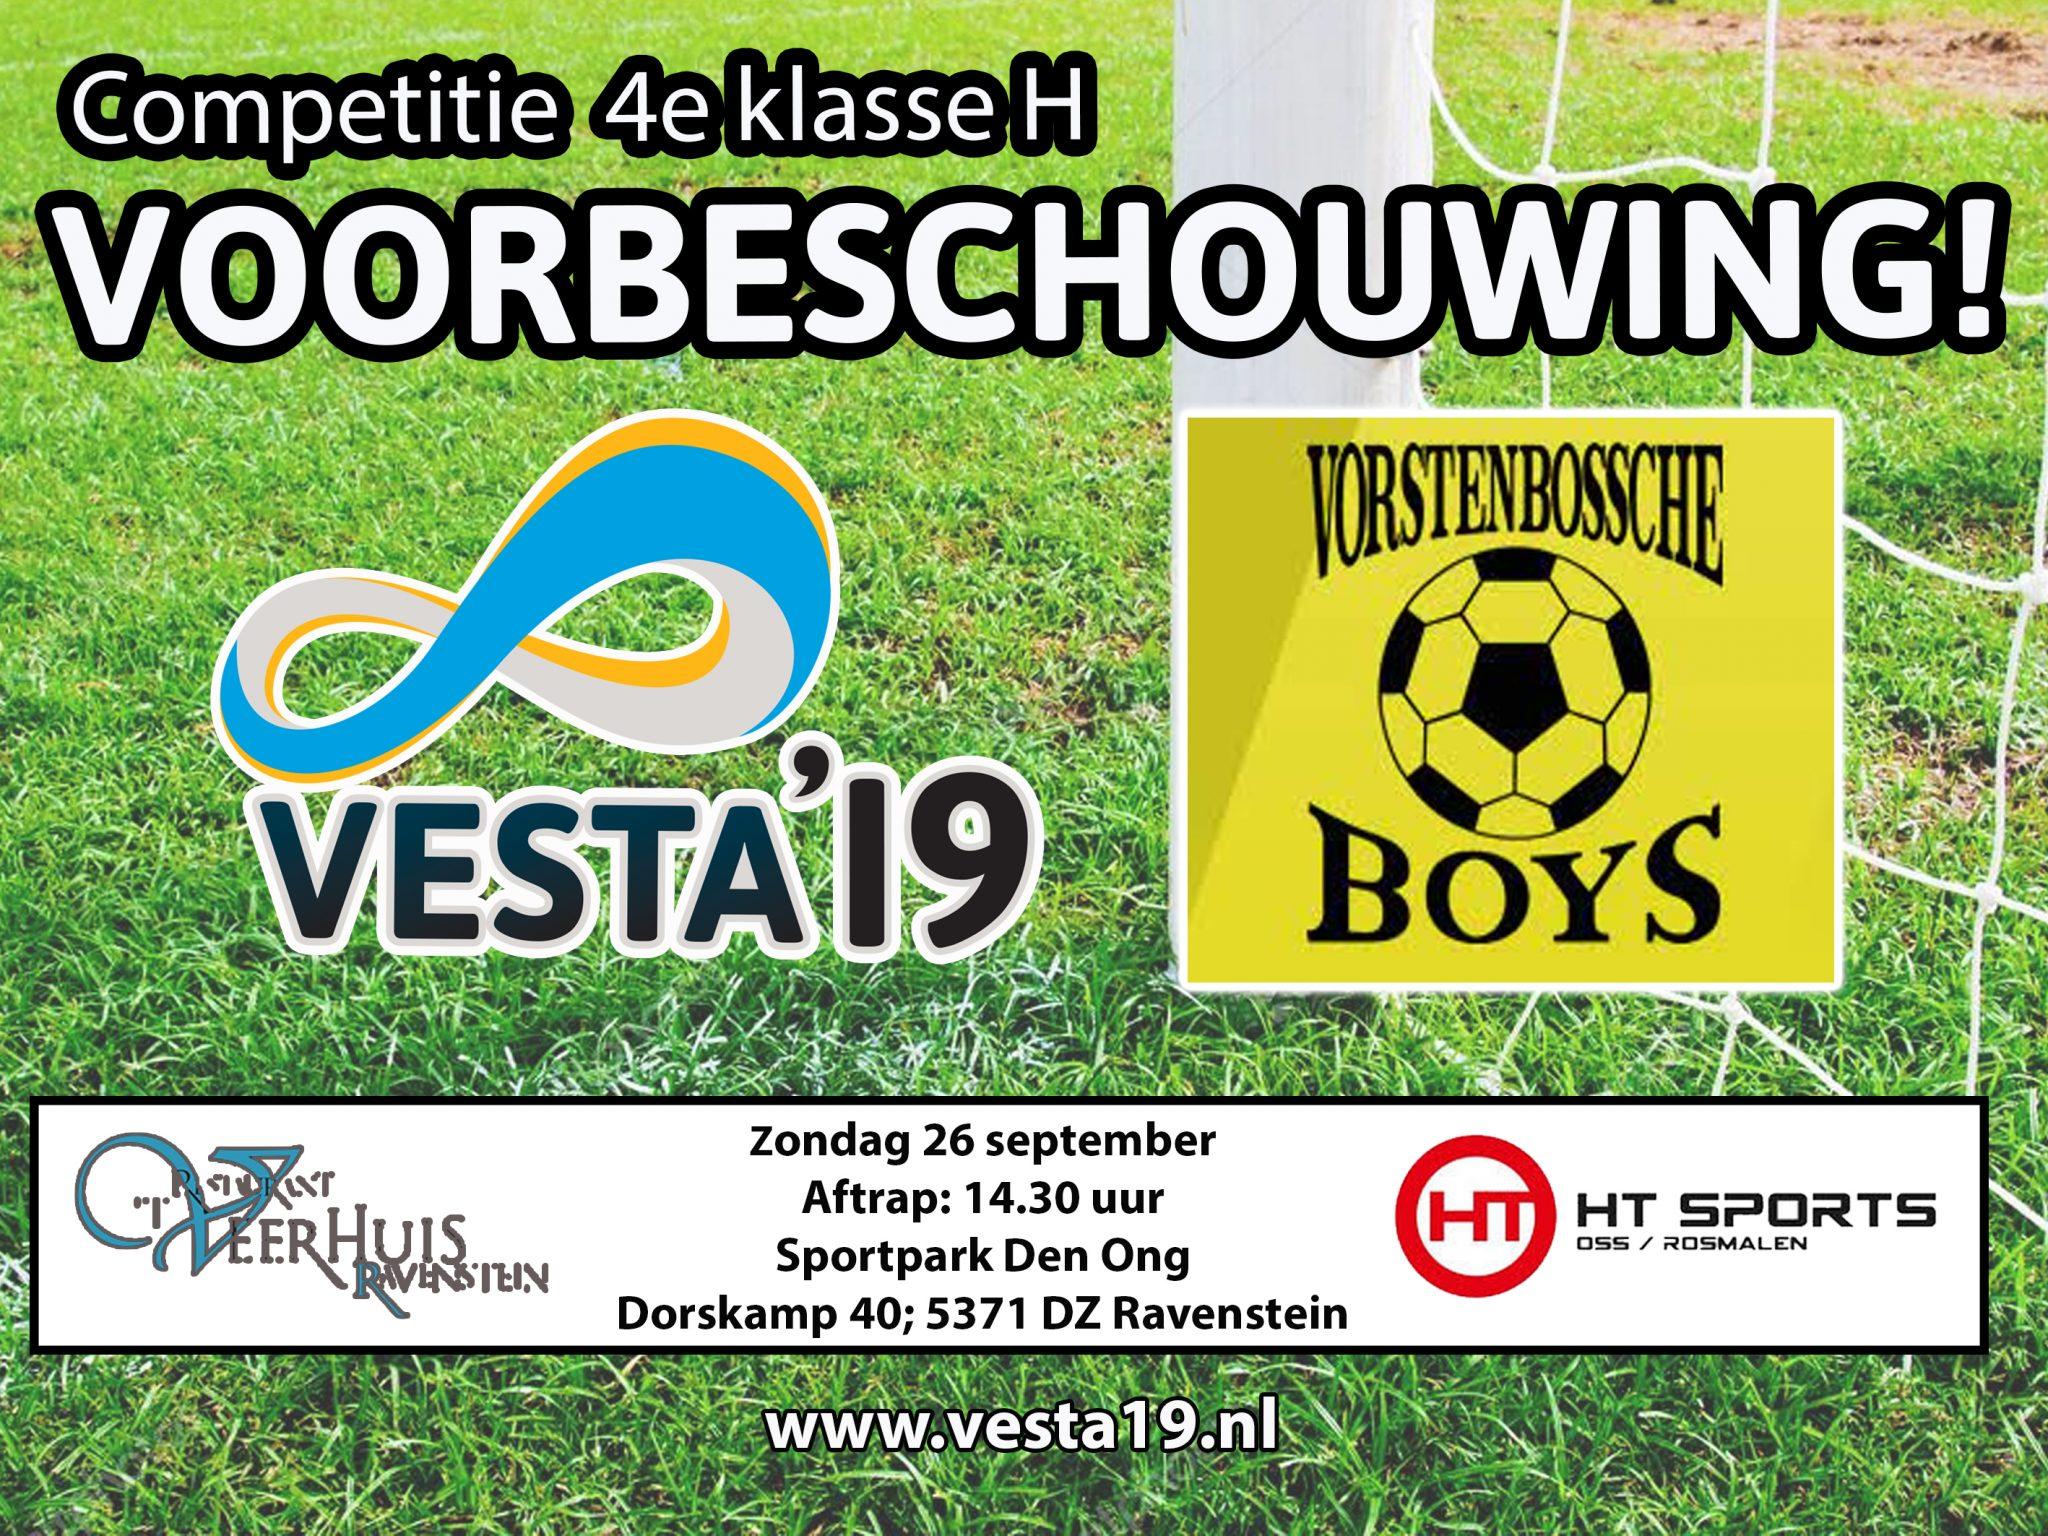 Voorbeschouwing VESTA'19 1 - Vorstenbossche Boys 1